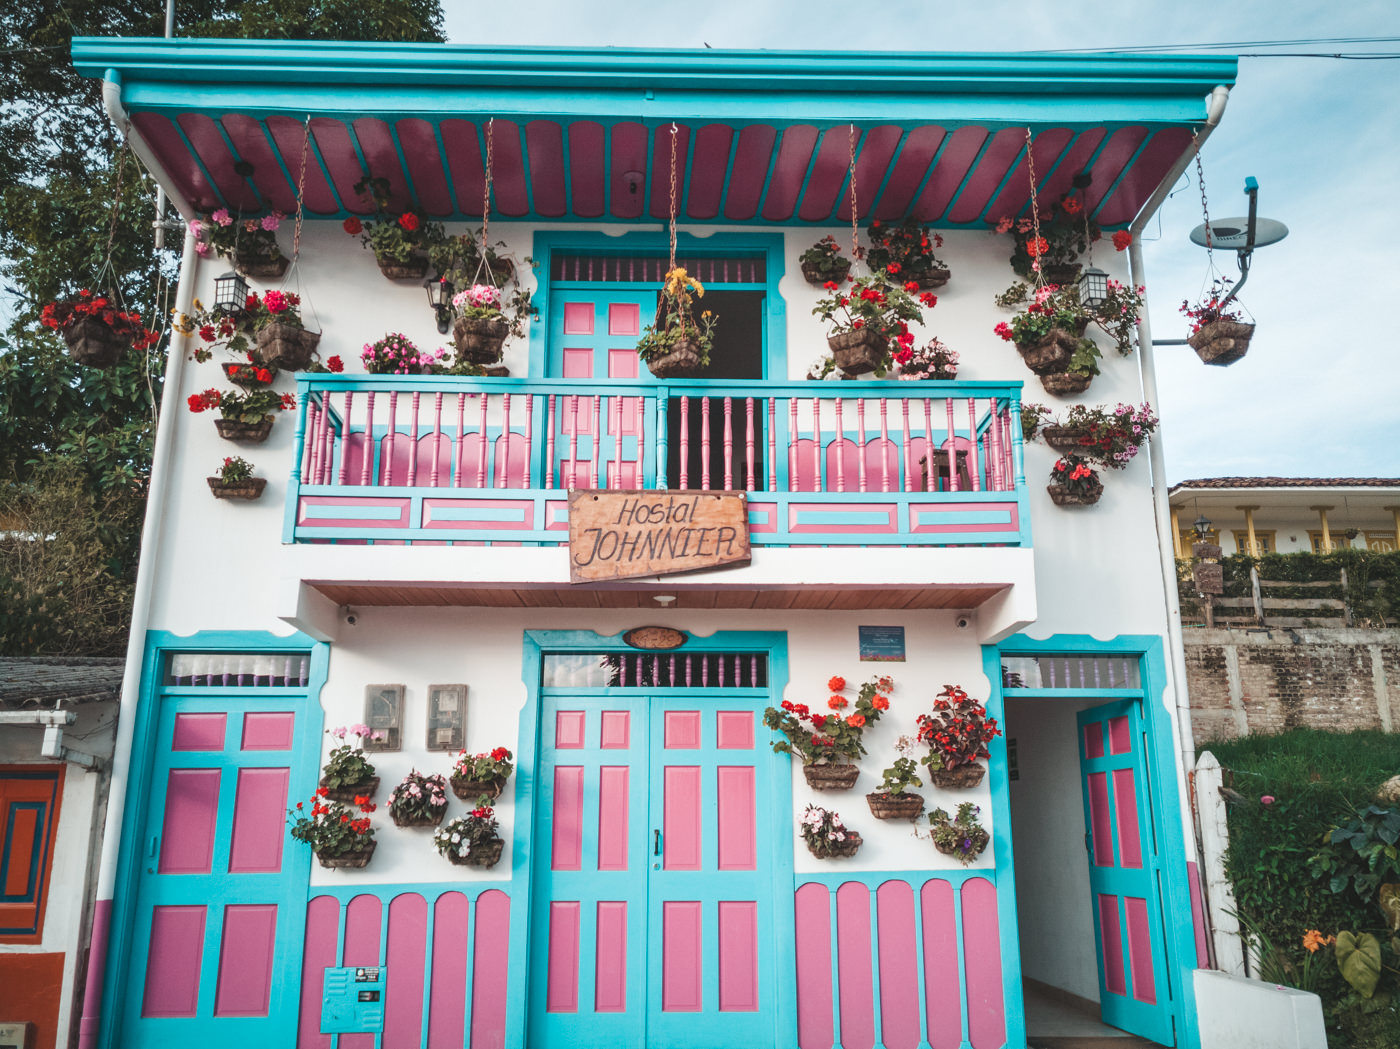 Hostel in Salento und die typische Gestaltung der Hausfassade